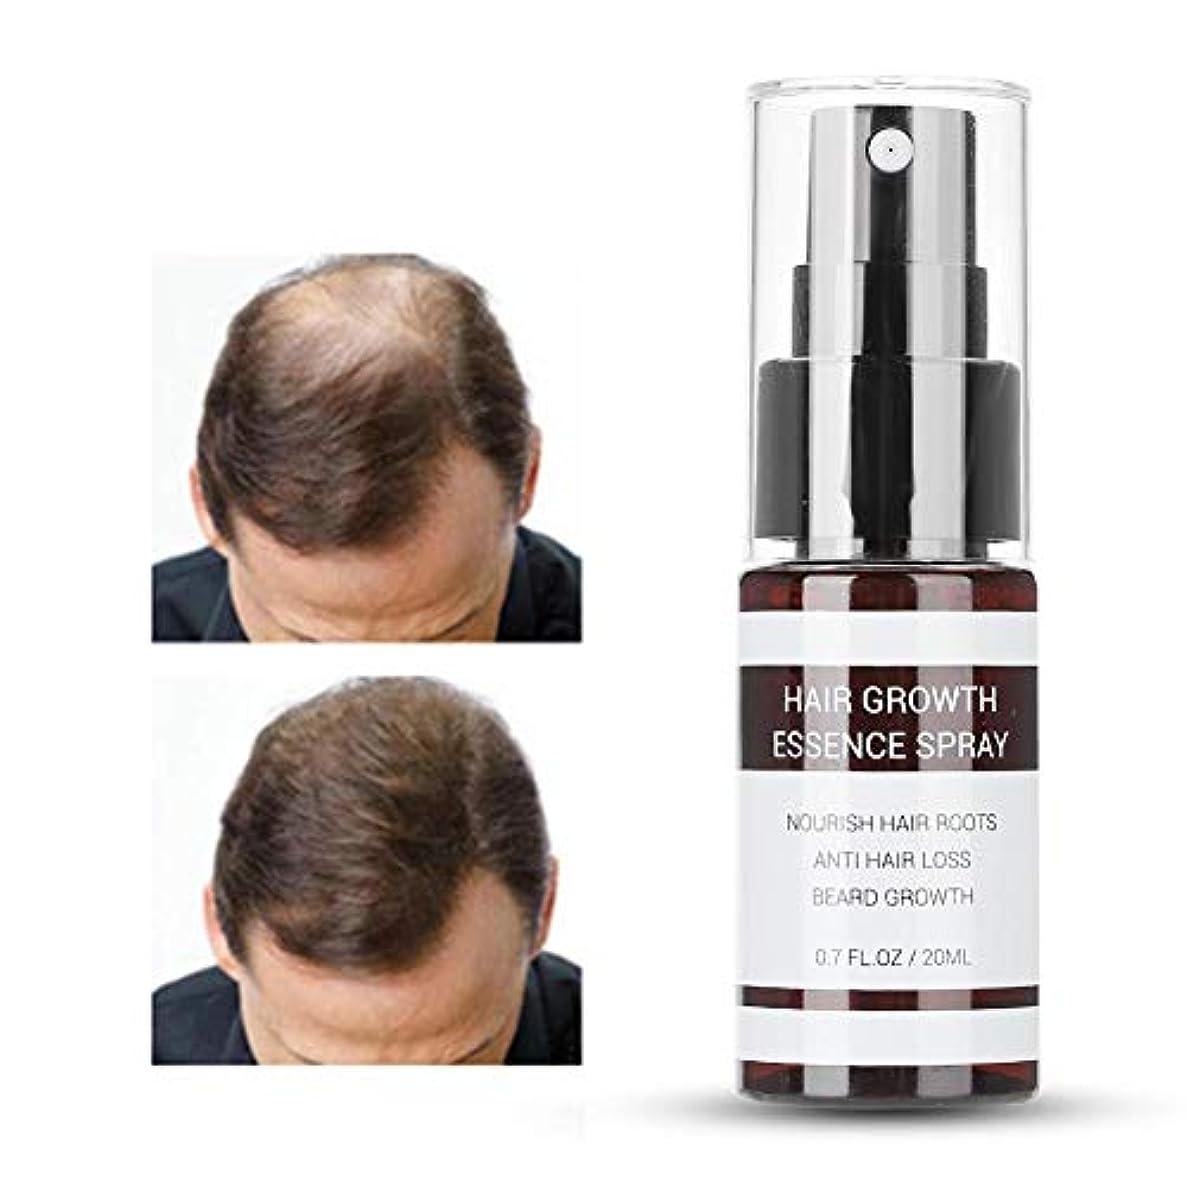 聴くフィールドエッセンス20ML育毛スプレー天然植物成分 育毛液 ヘアトリートメントエッセンス 毛根の質を高め メラニン合成を促進し